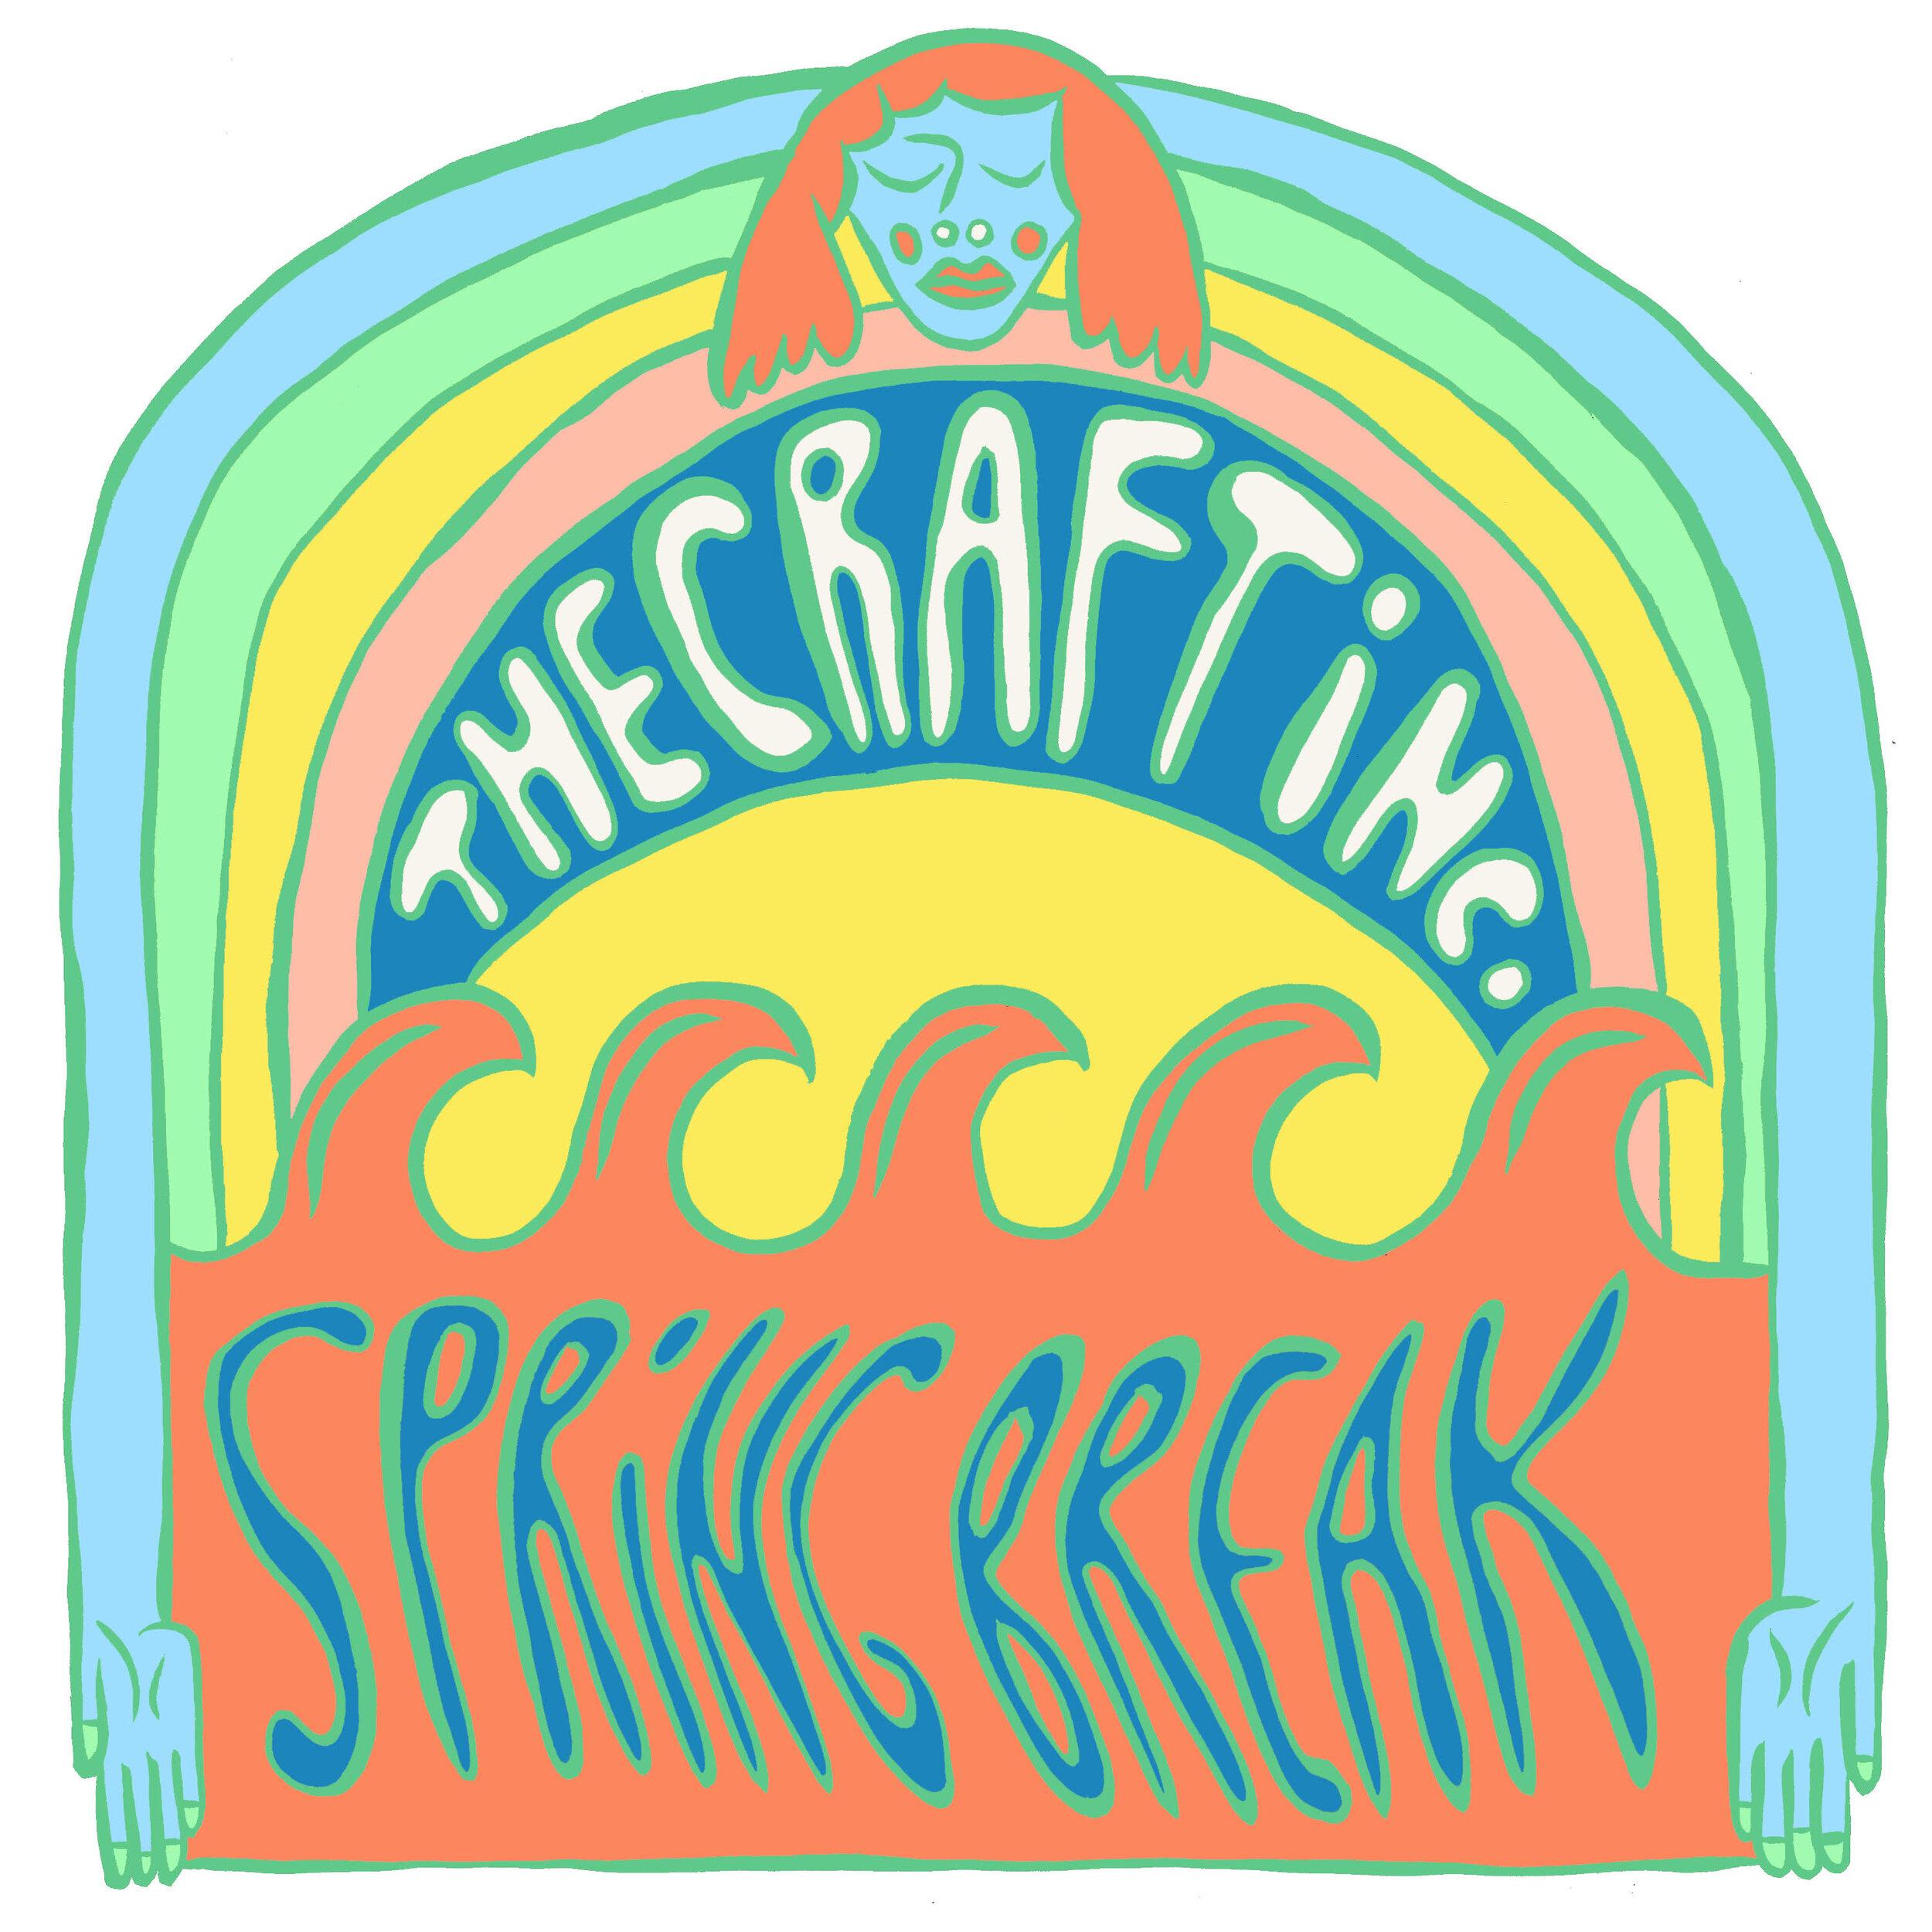 SpringBreakLogo.jpg